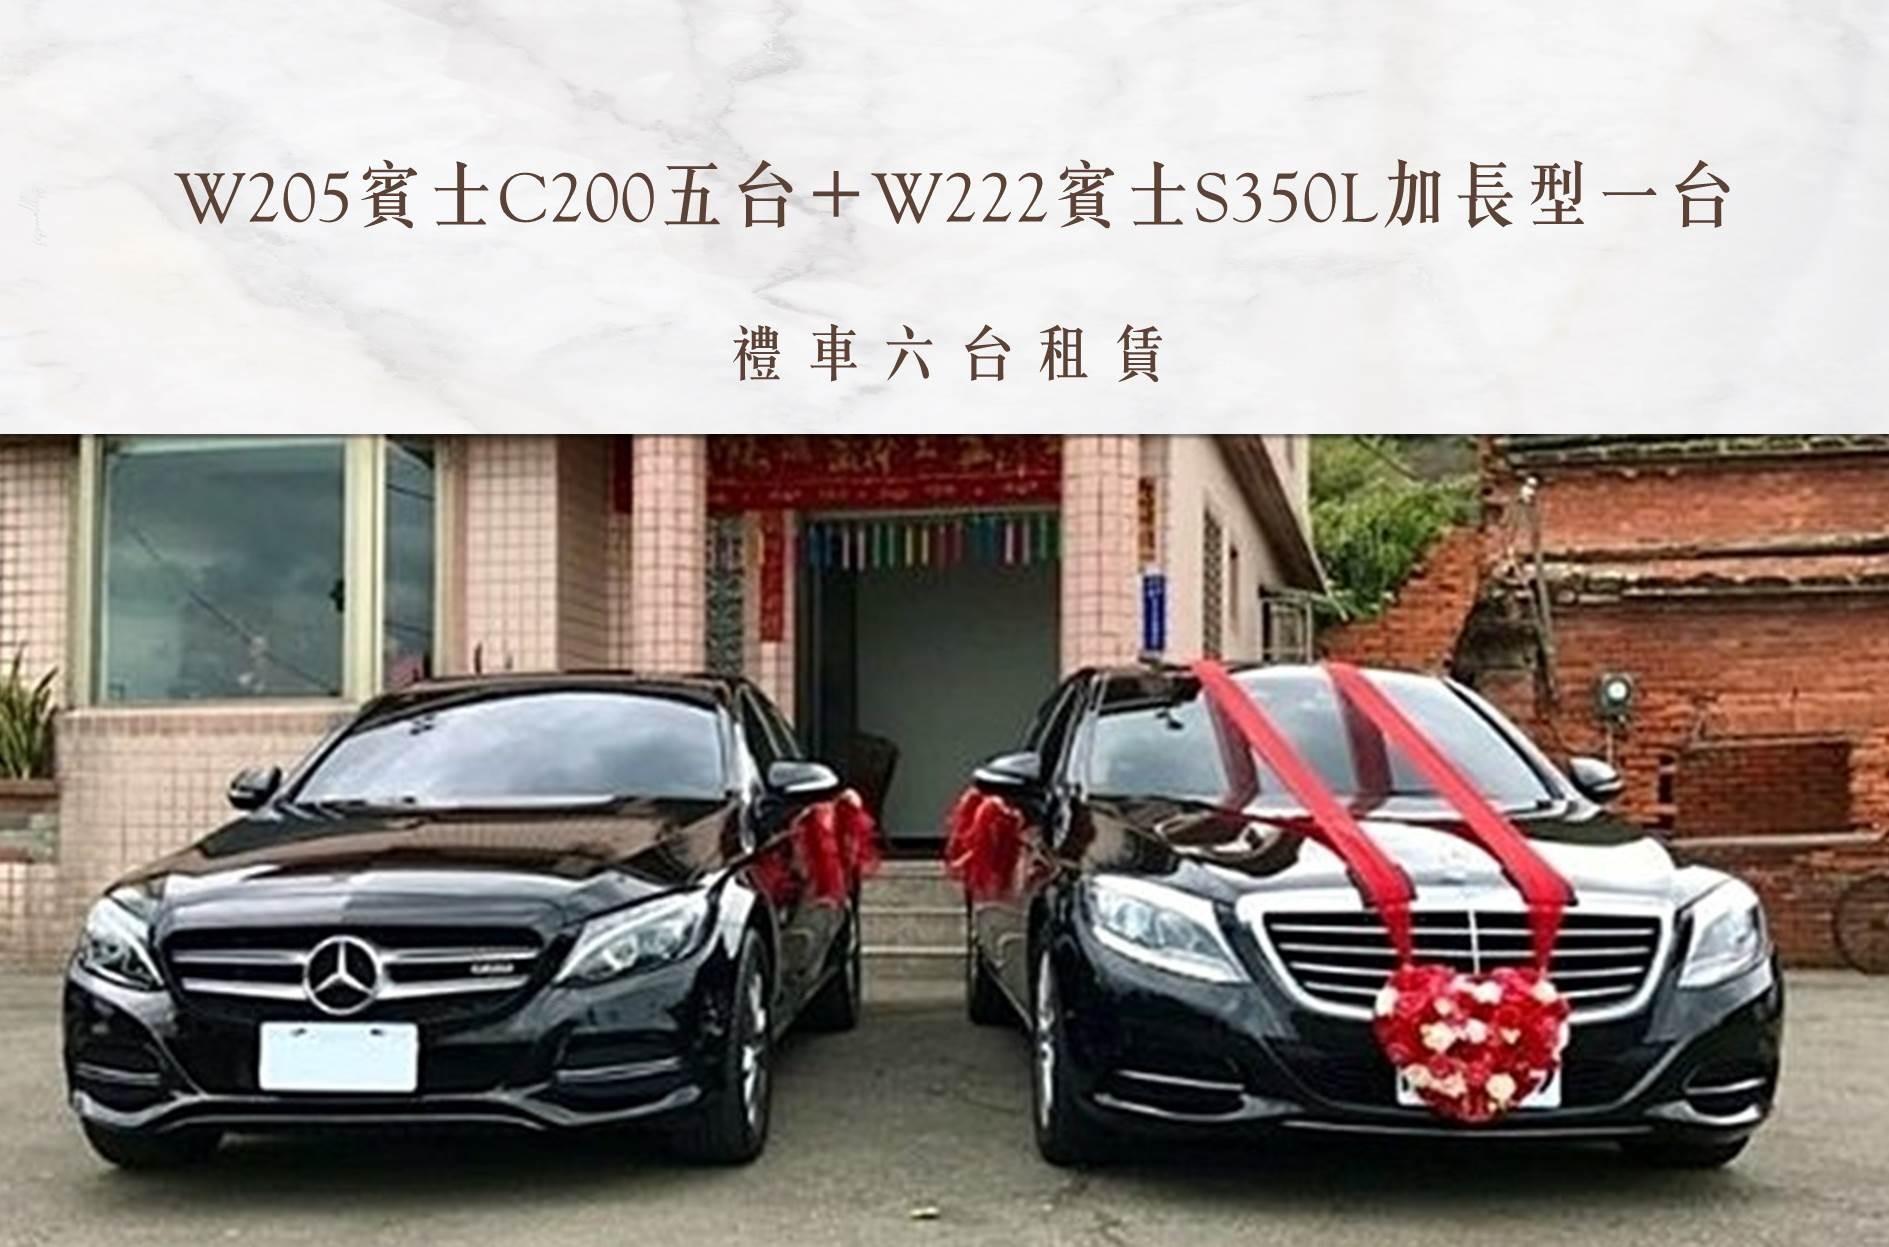 W205賓士C200五台+W222賓士S350L加長型一台